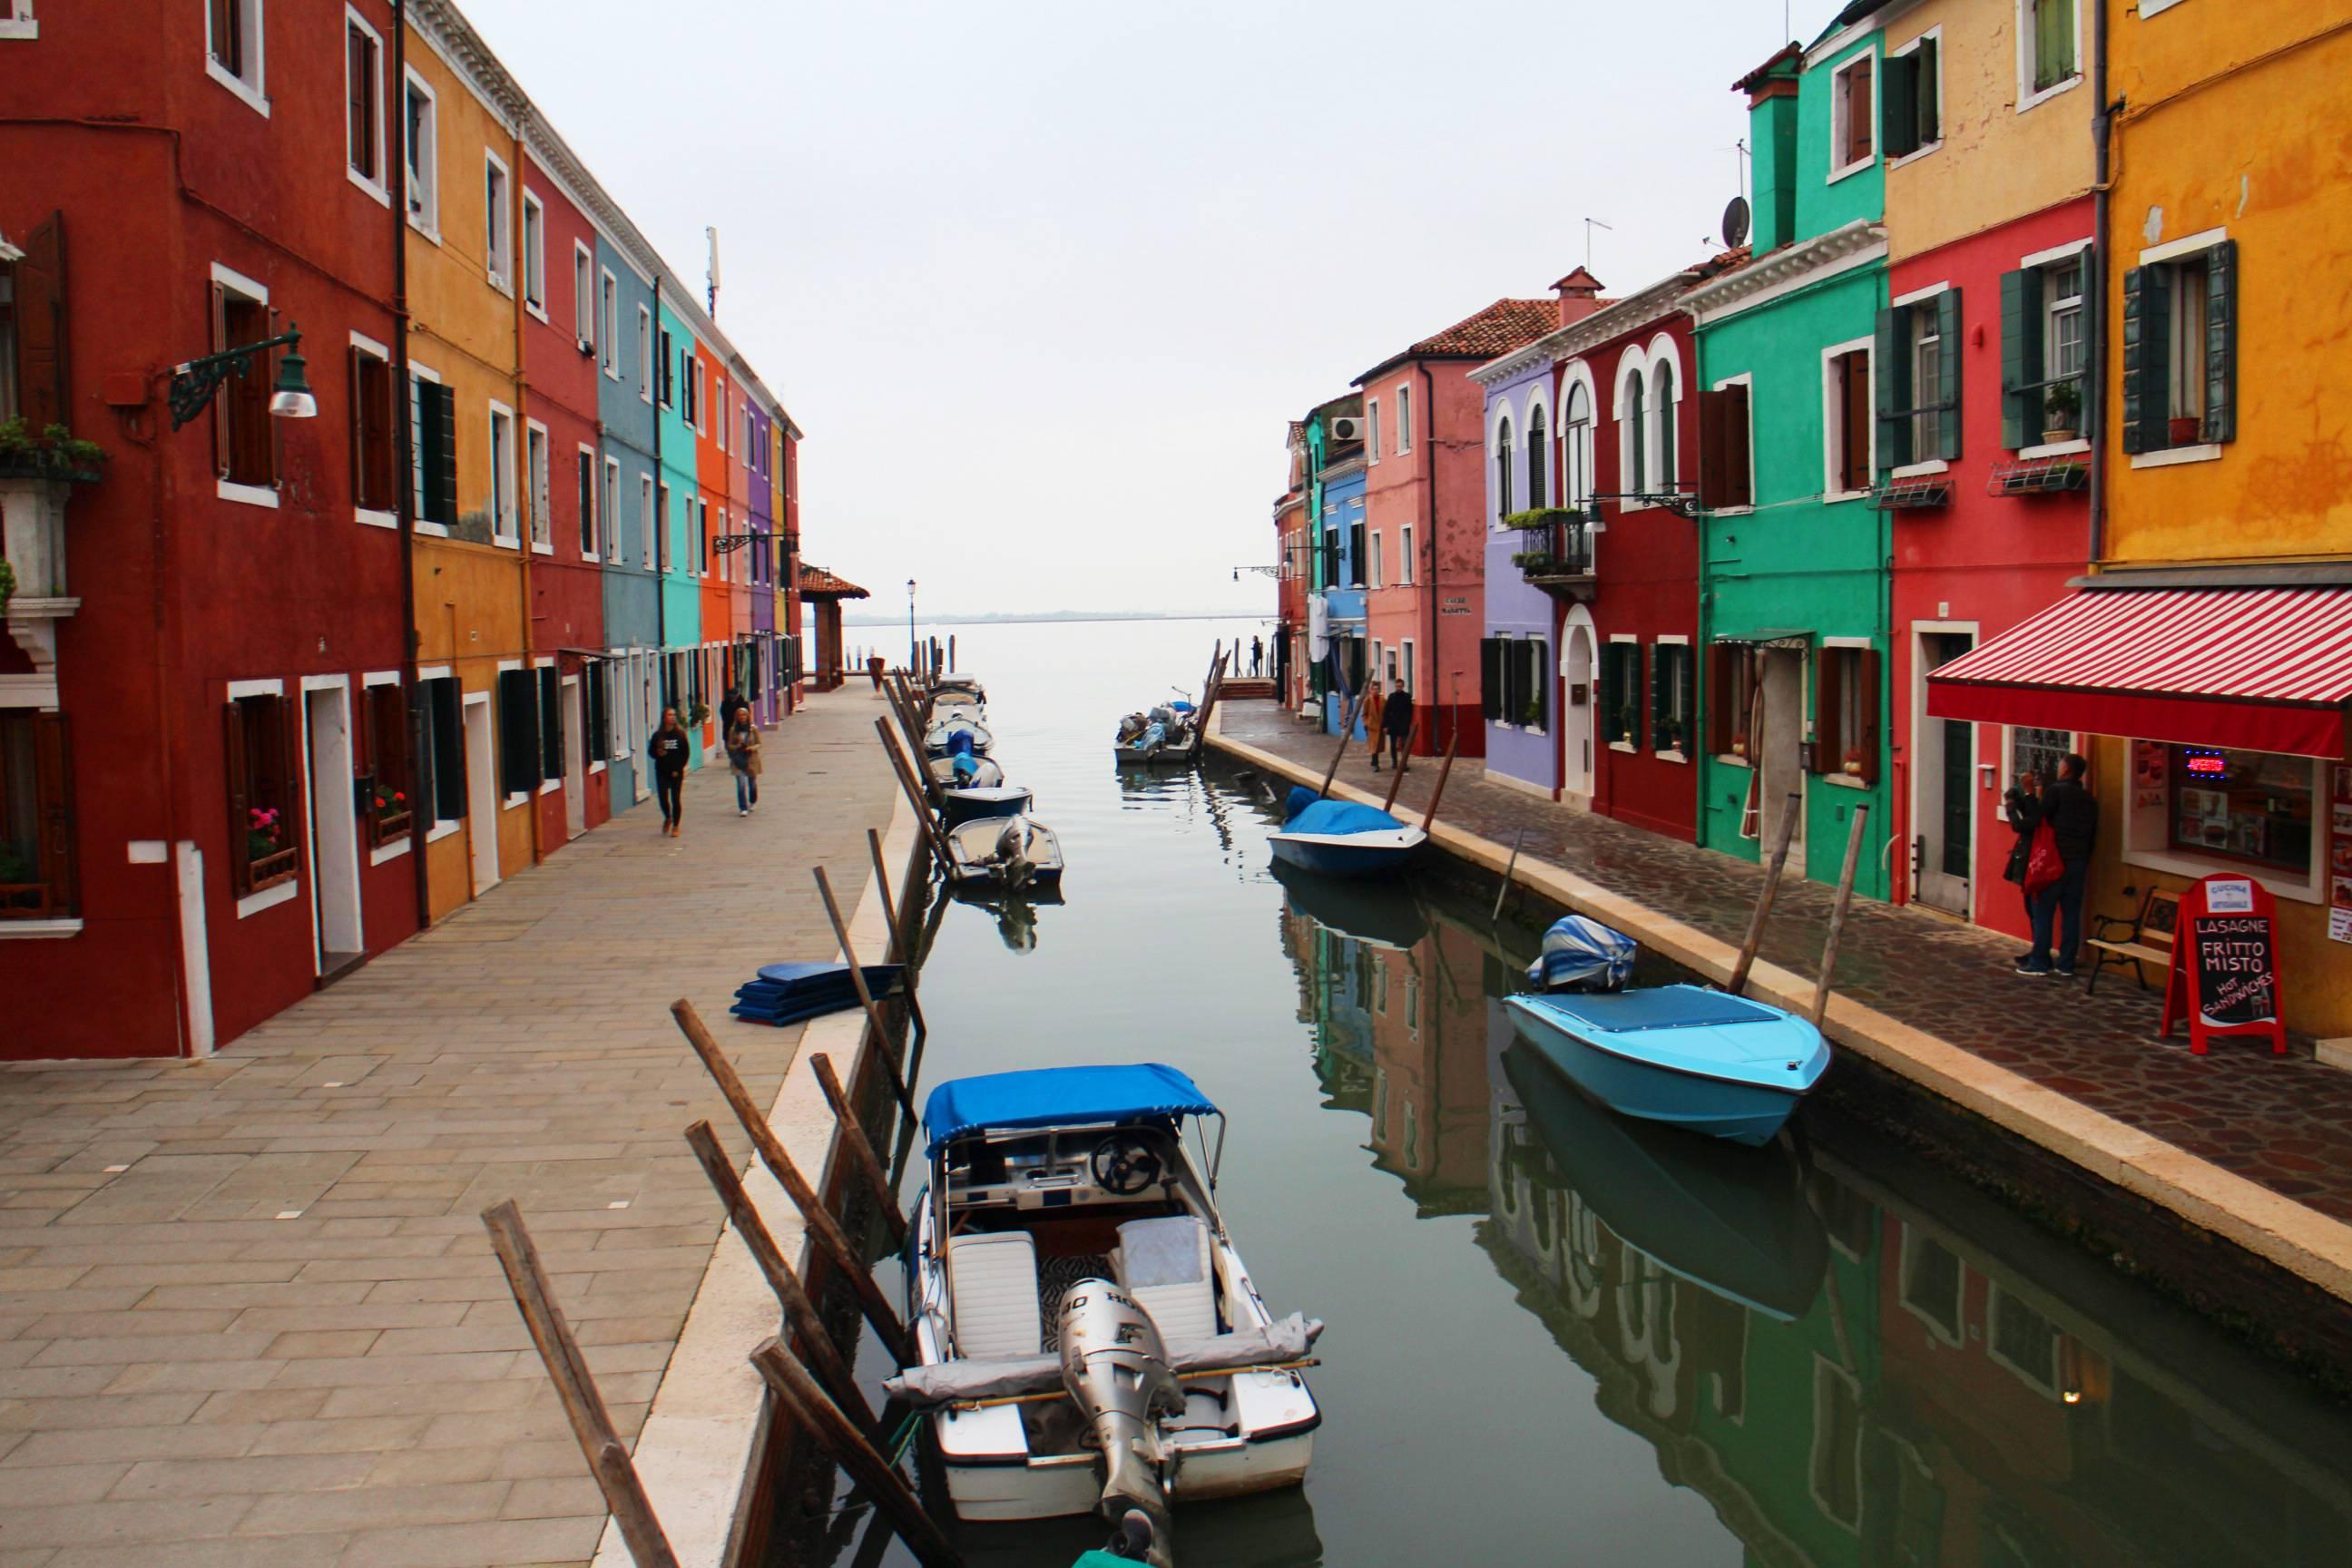 Photo 2: 3 jours à Venise... Conseils et incontournables !